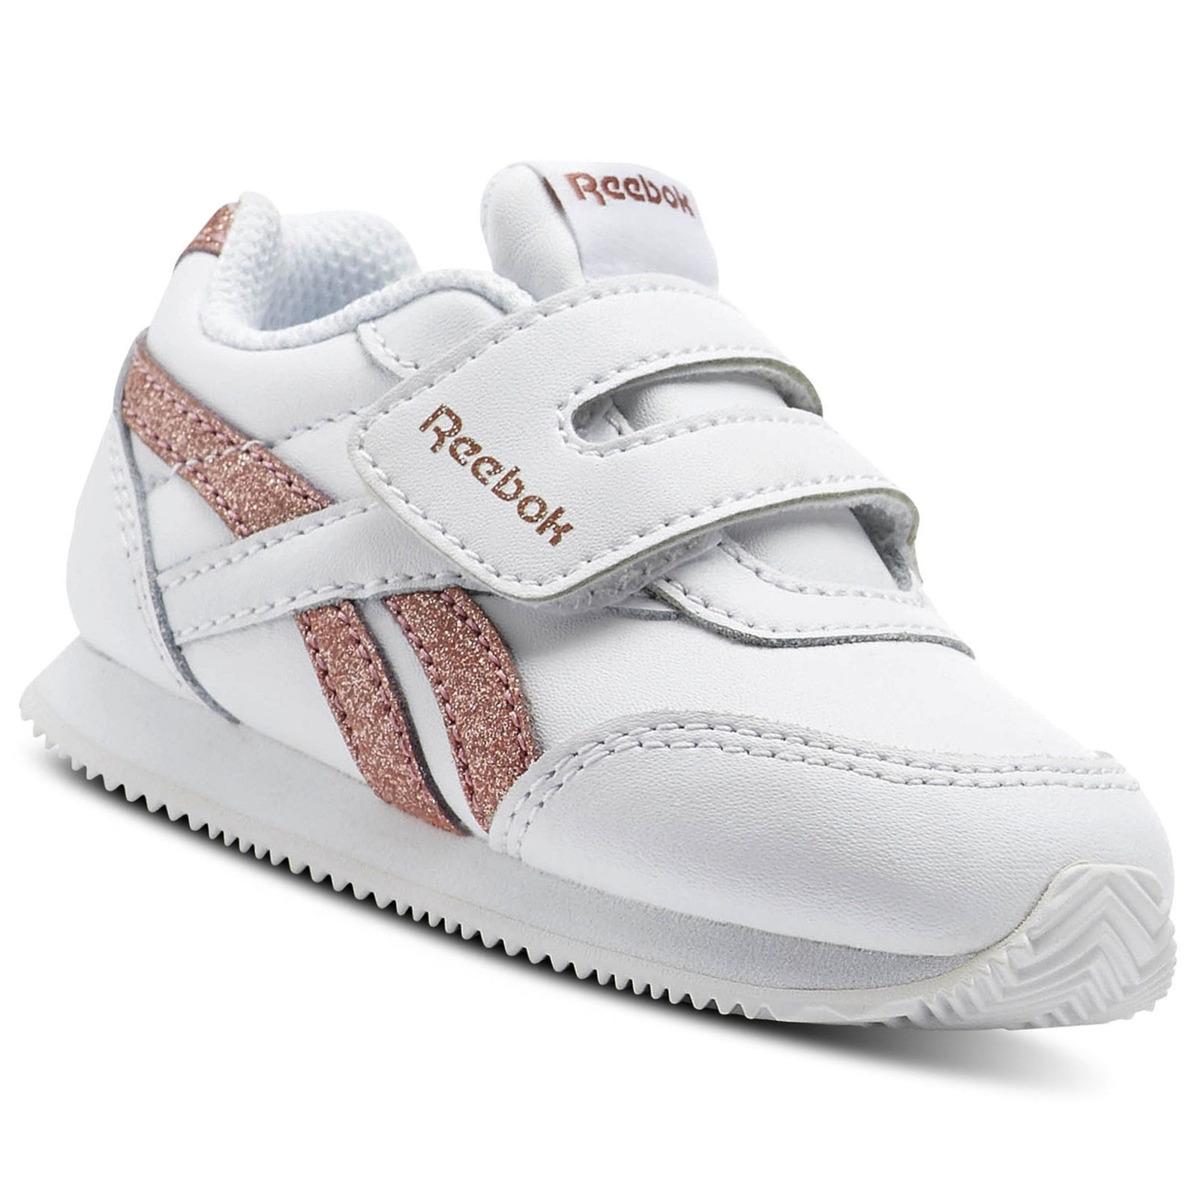 c309f6819 zapatilla reebok royal classic jogger kc para niña - blanco. Cargando zoom.